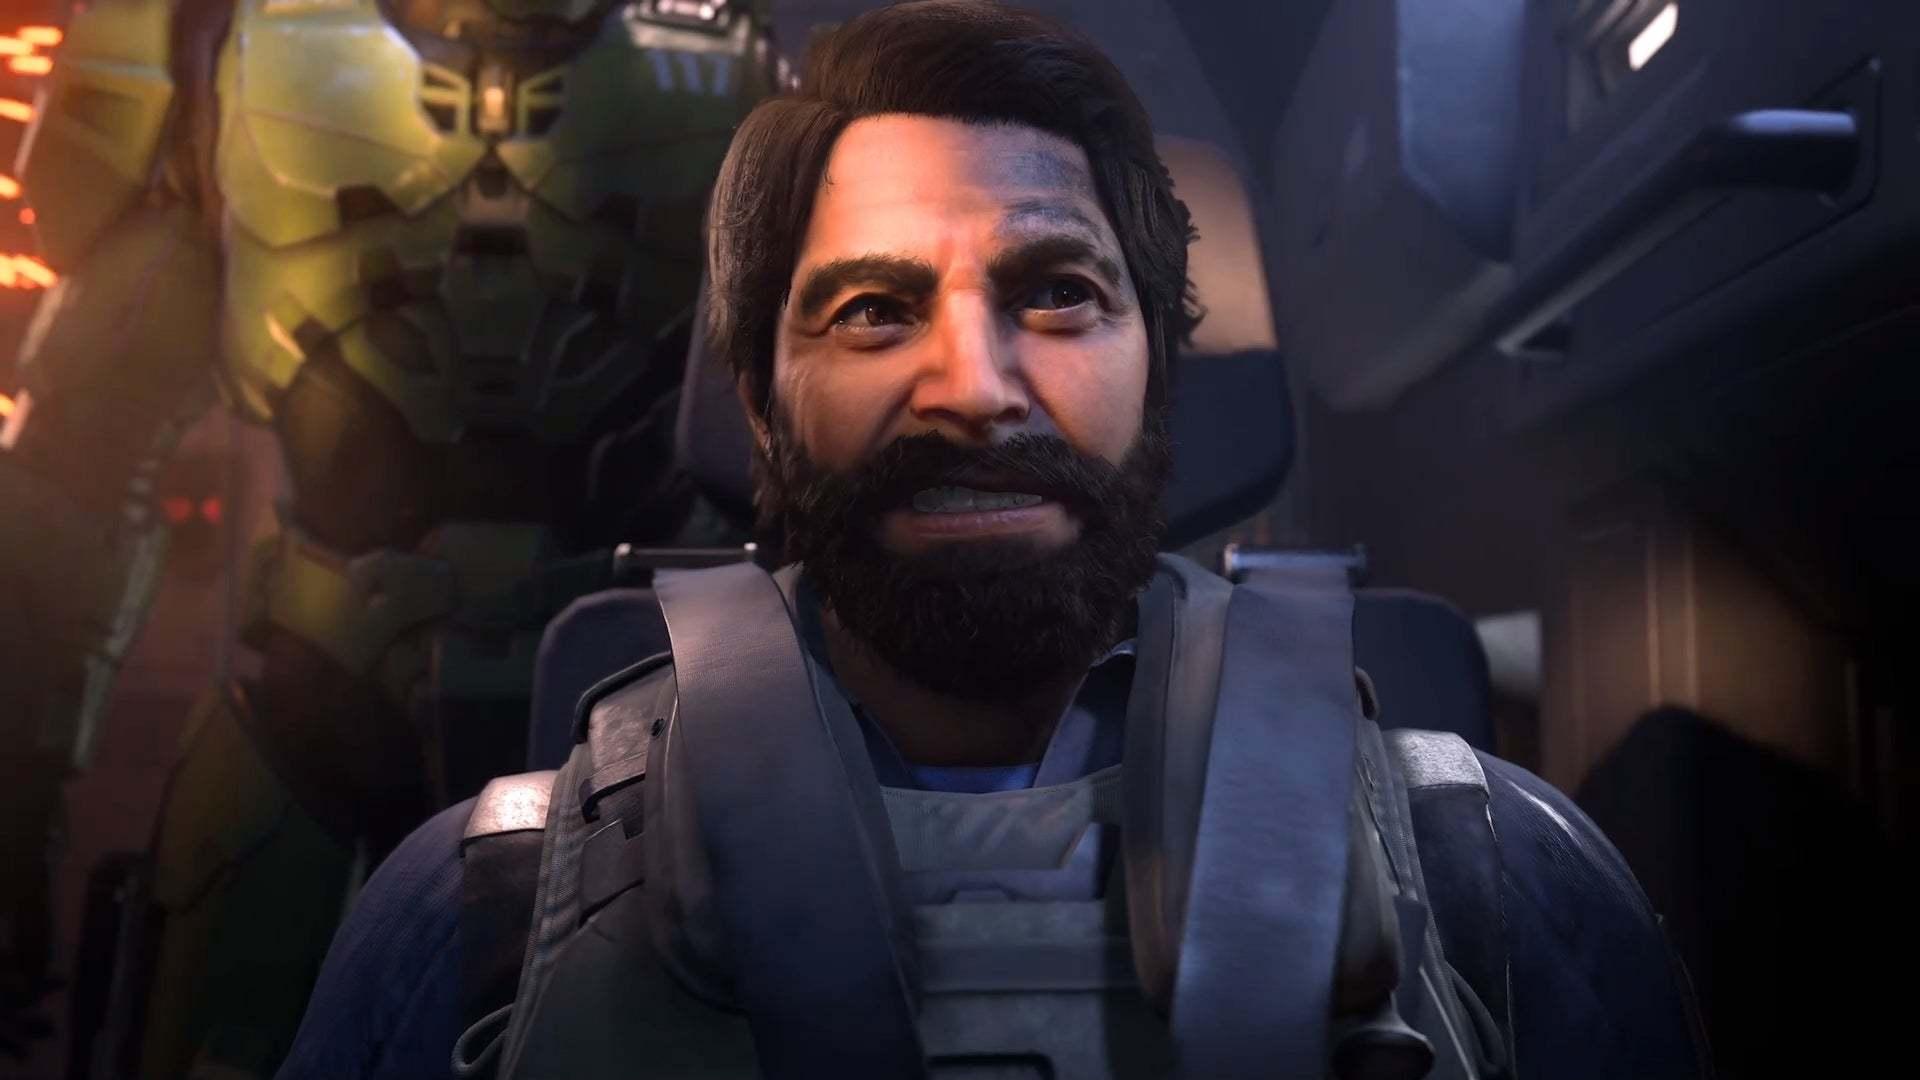 《光环:无限》剧情战斗将支持2玩家本地分屏,4玩家在线